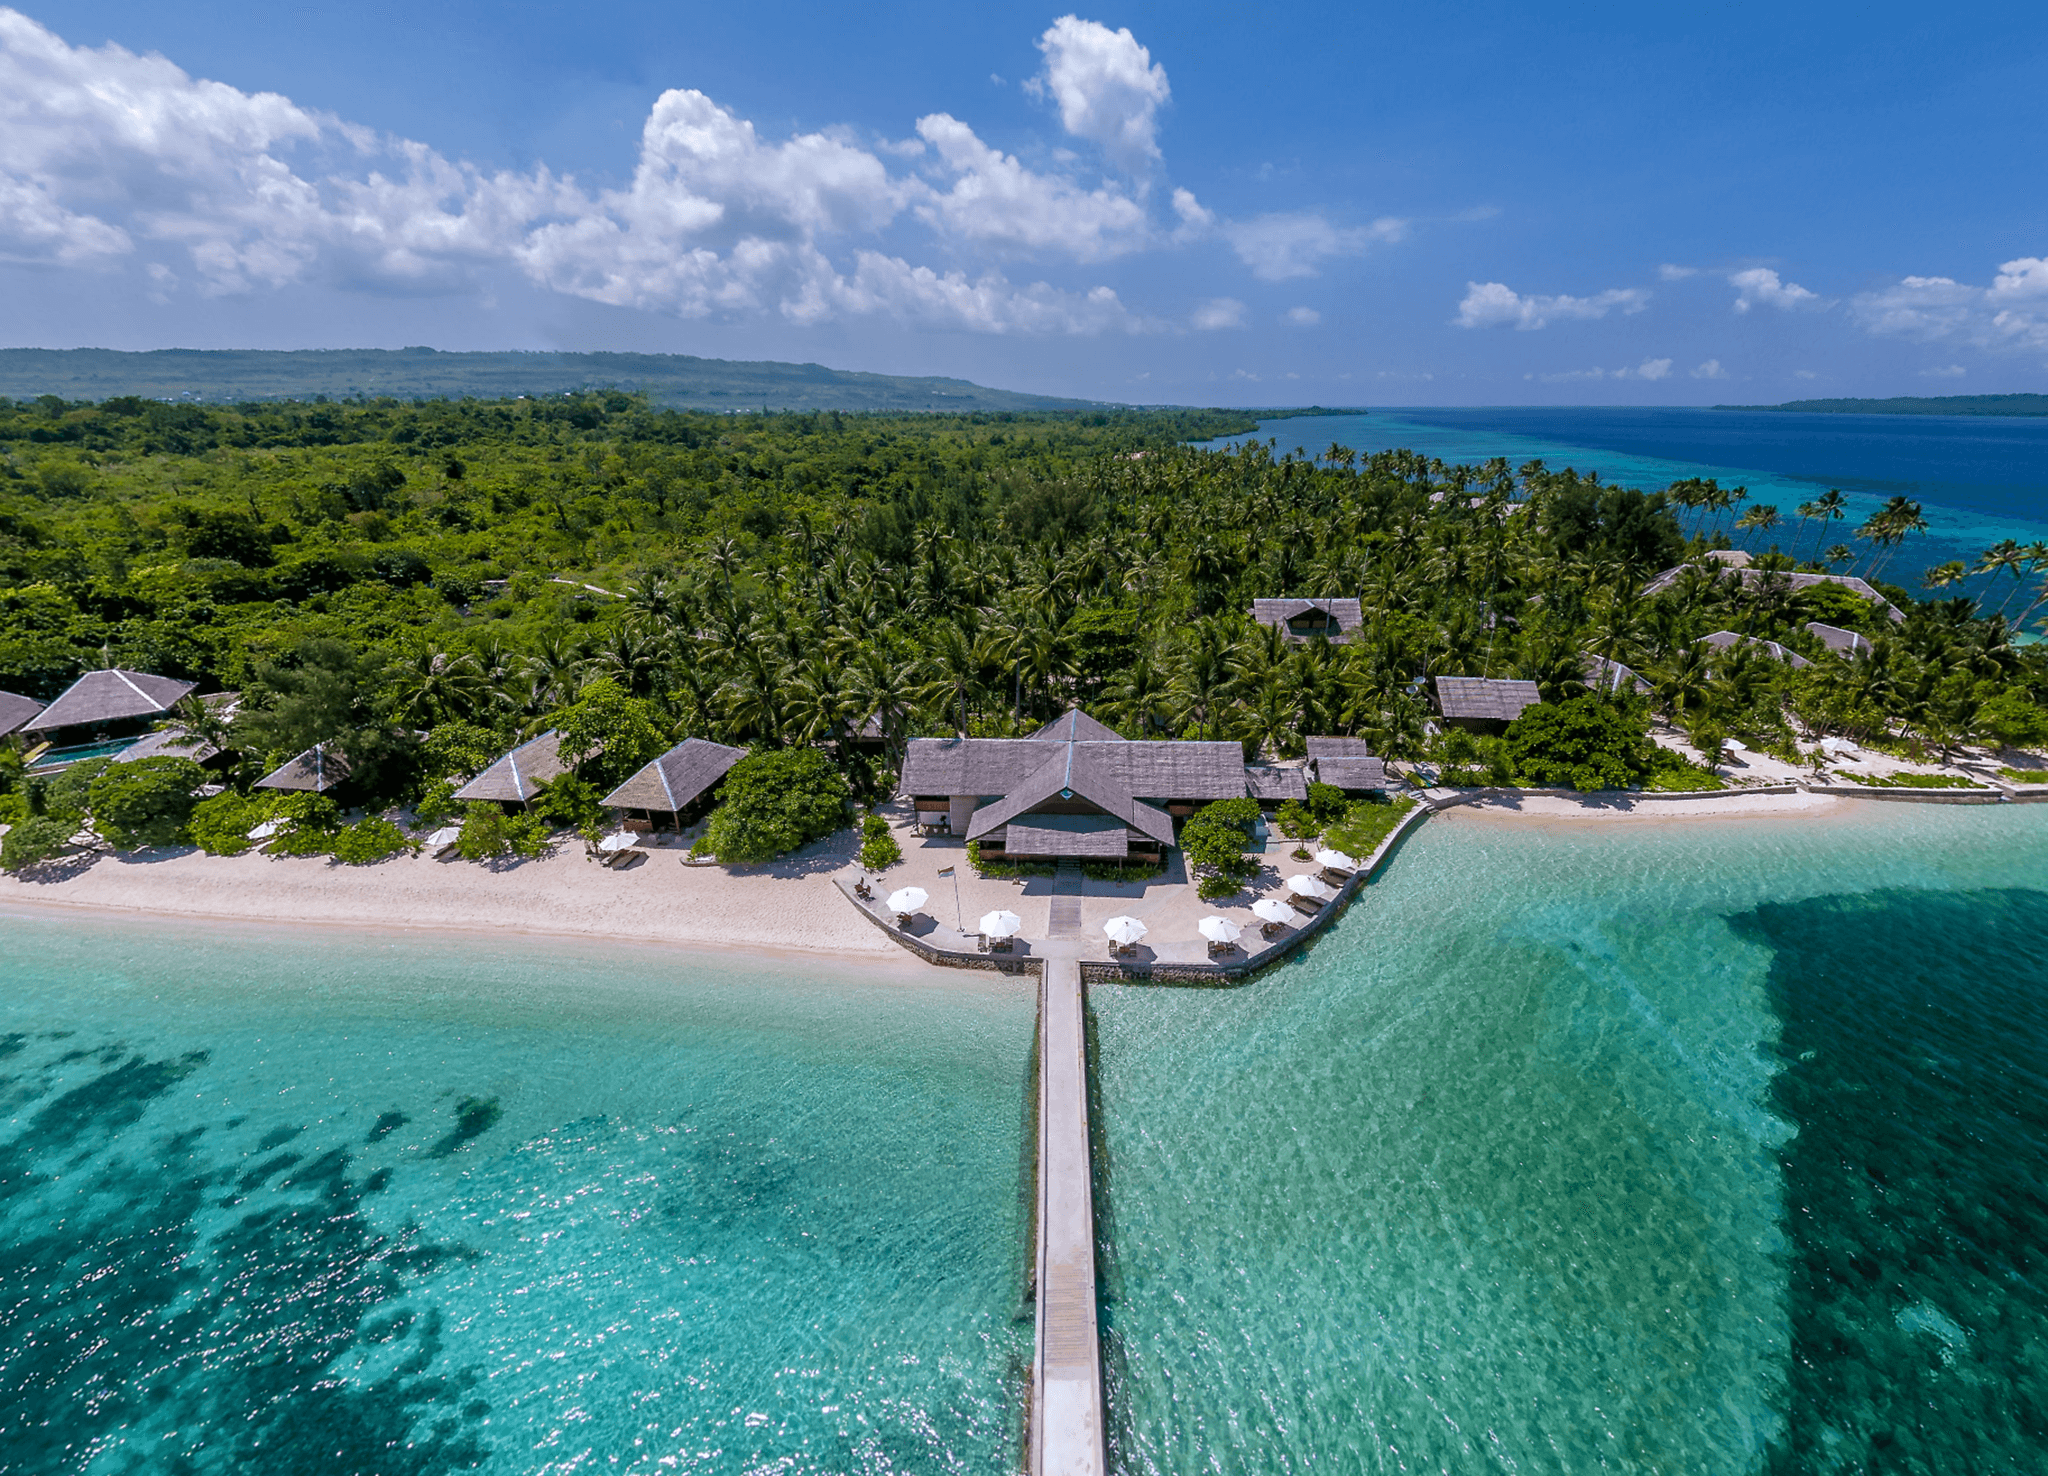 Wakatobi Luxury Diving Resort